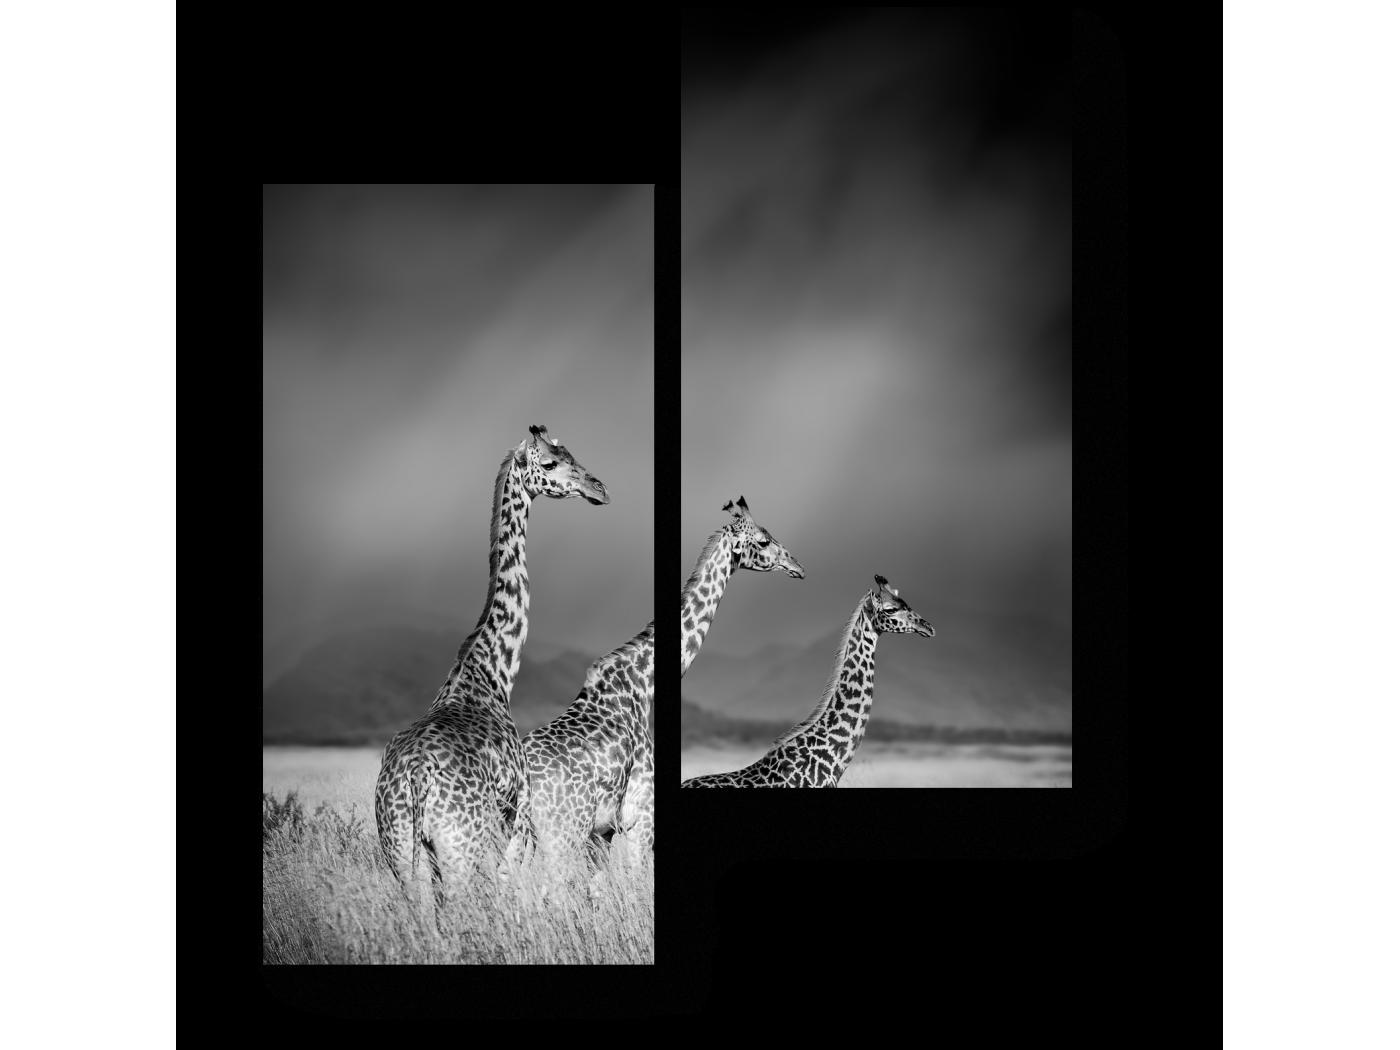 Модульная картина Три жирафа (40x50) фото